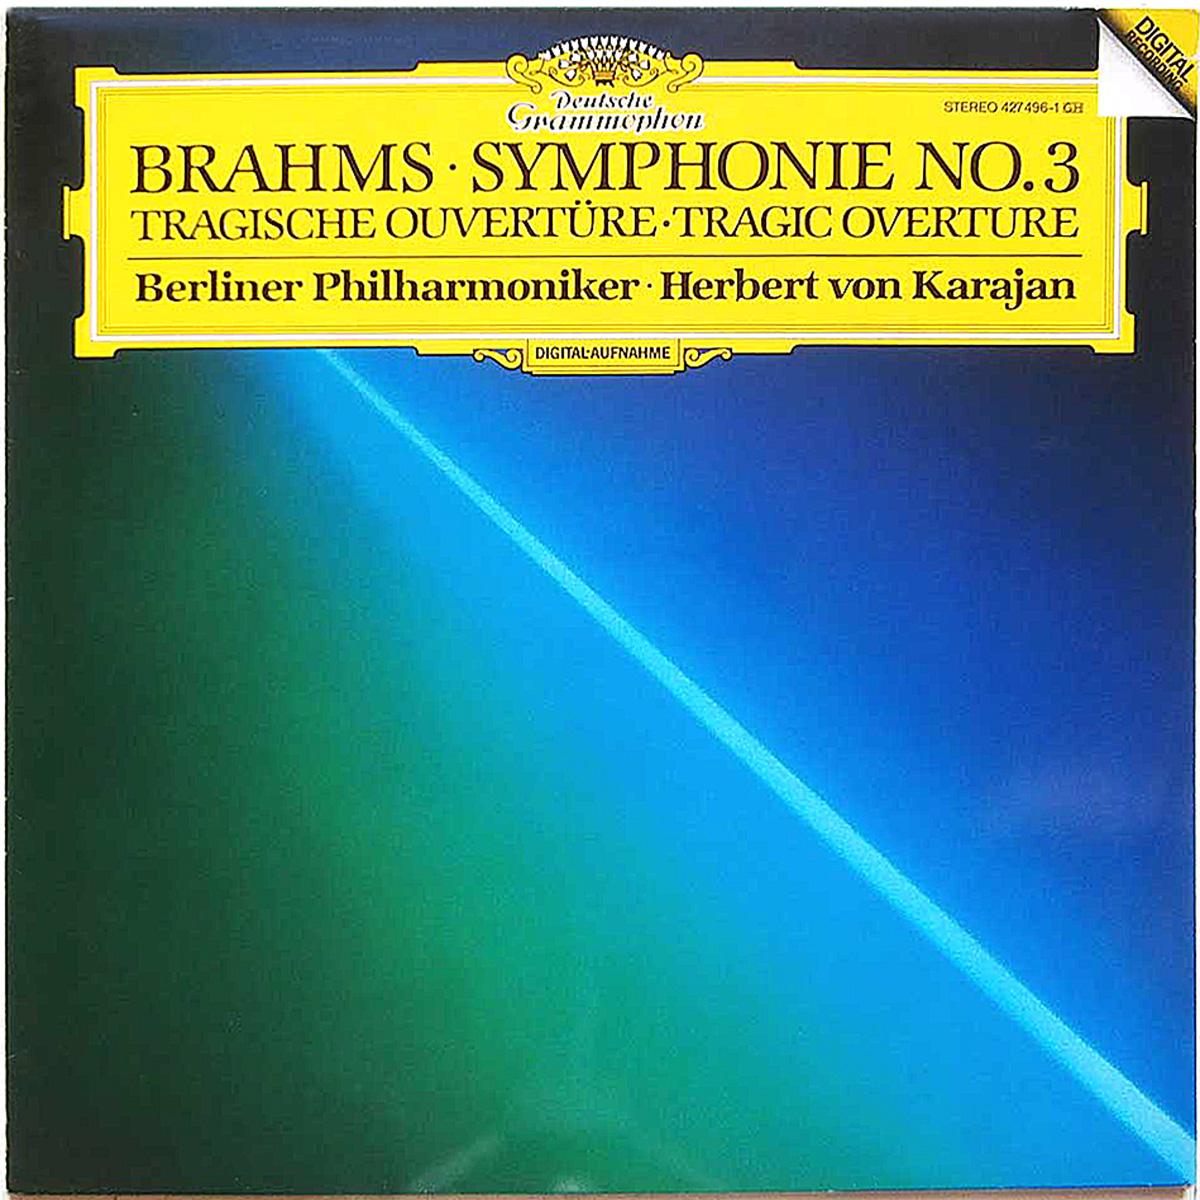 DGG 427 496 Brahms Symphonie 3 Karajan DGG Digital Aufnahme